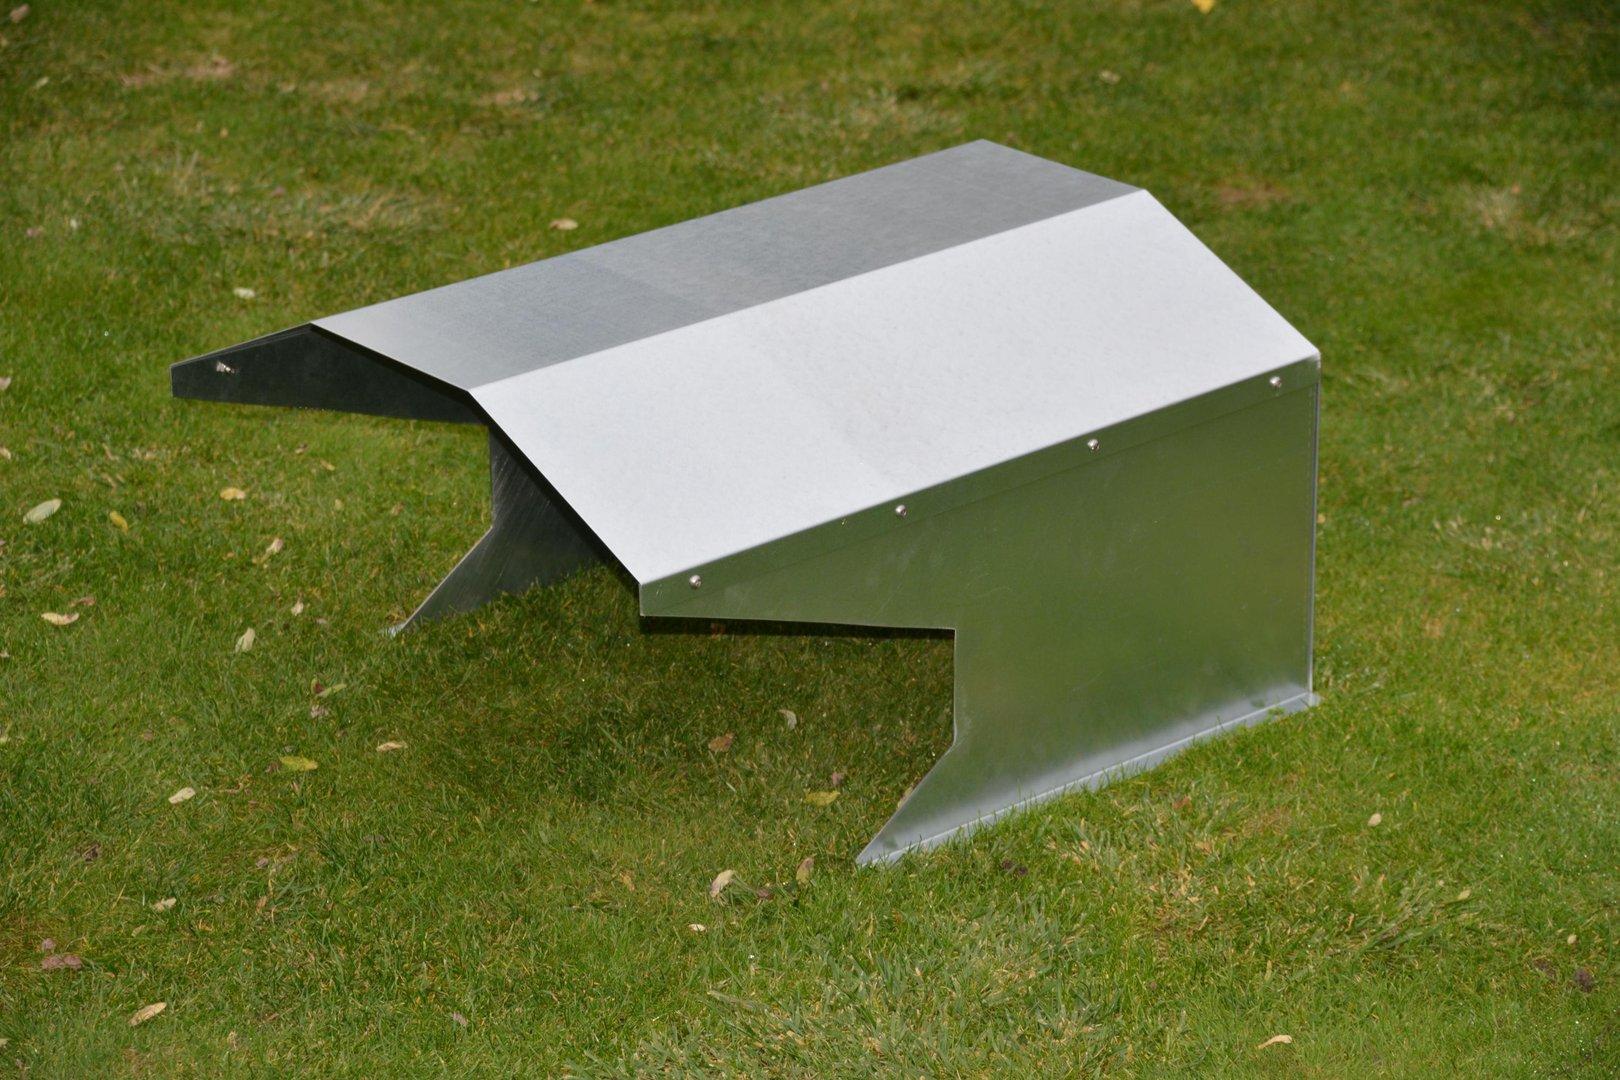 m hroboter garage hausdach verzinkt alles f r haus und garten aus metall. Black Bedroom Furniture Sets. Home Design Ideas